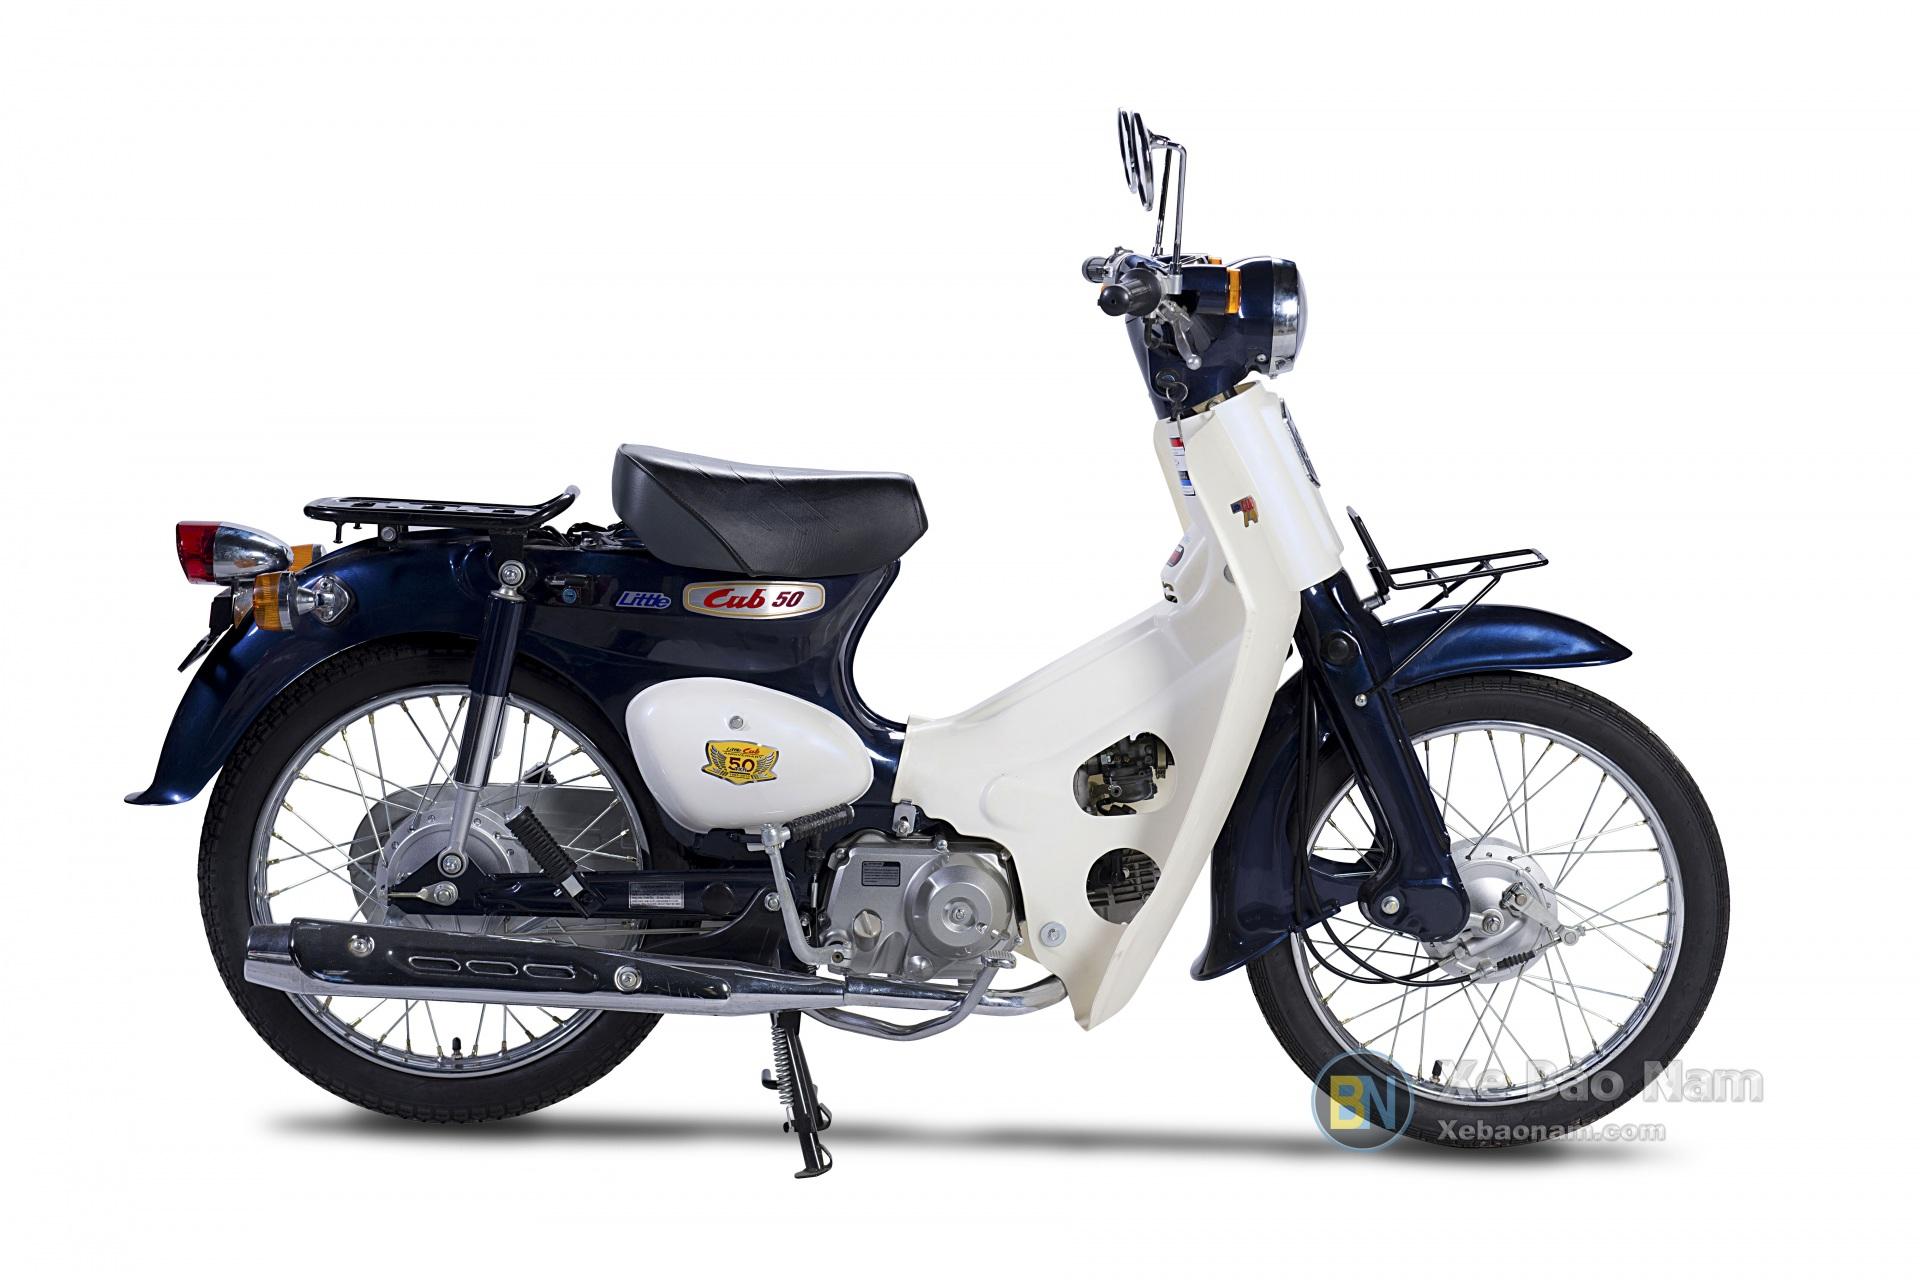 xe-may-cub-79-xebaonam-1